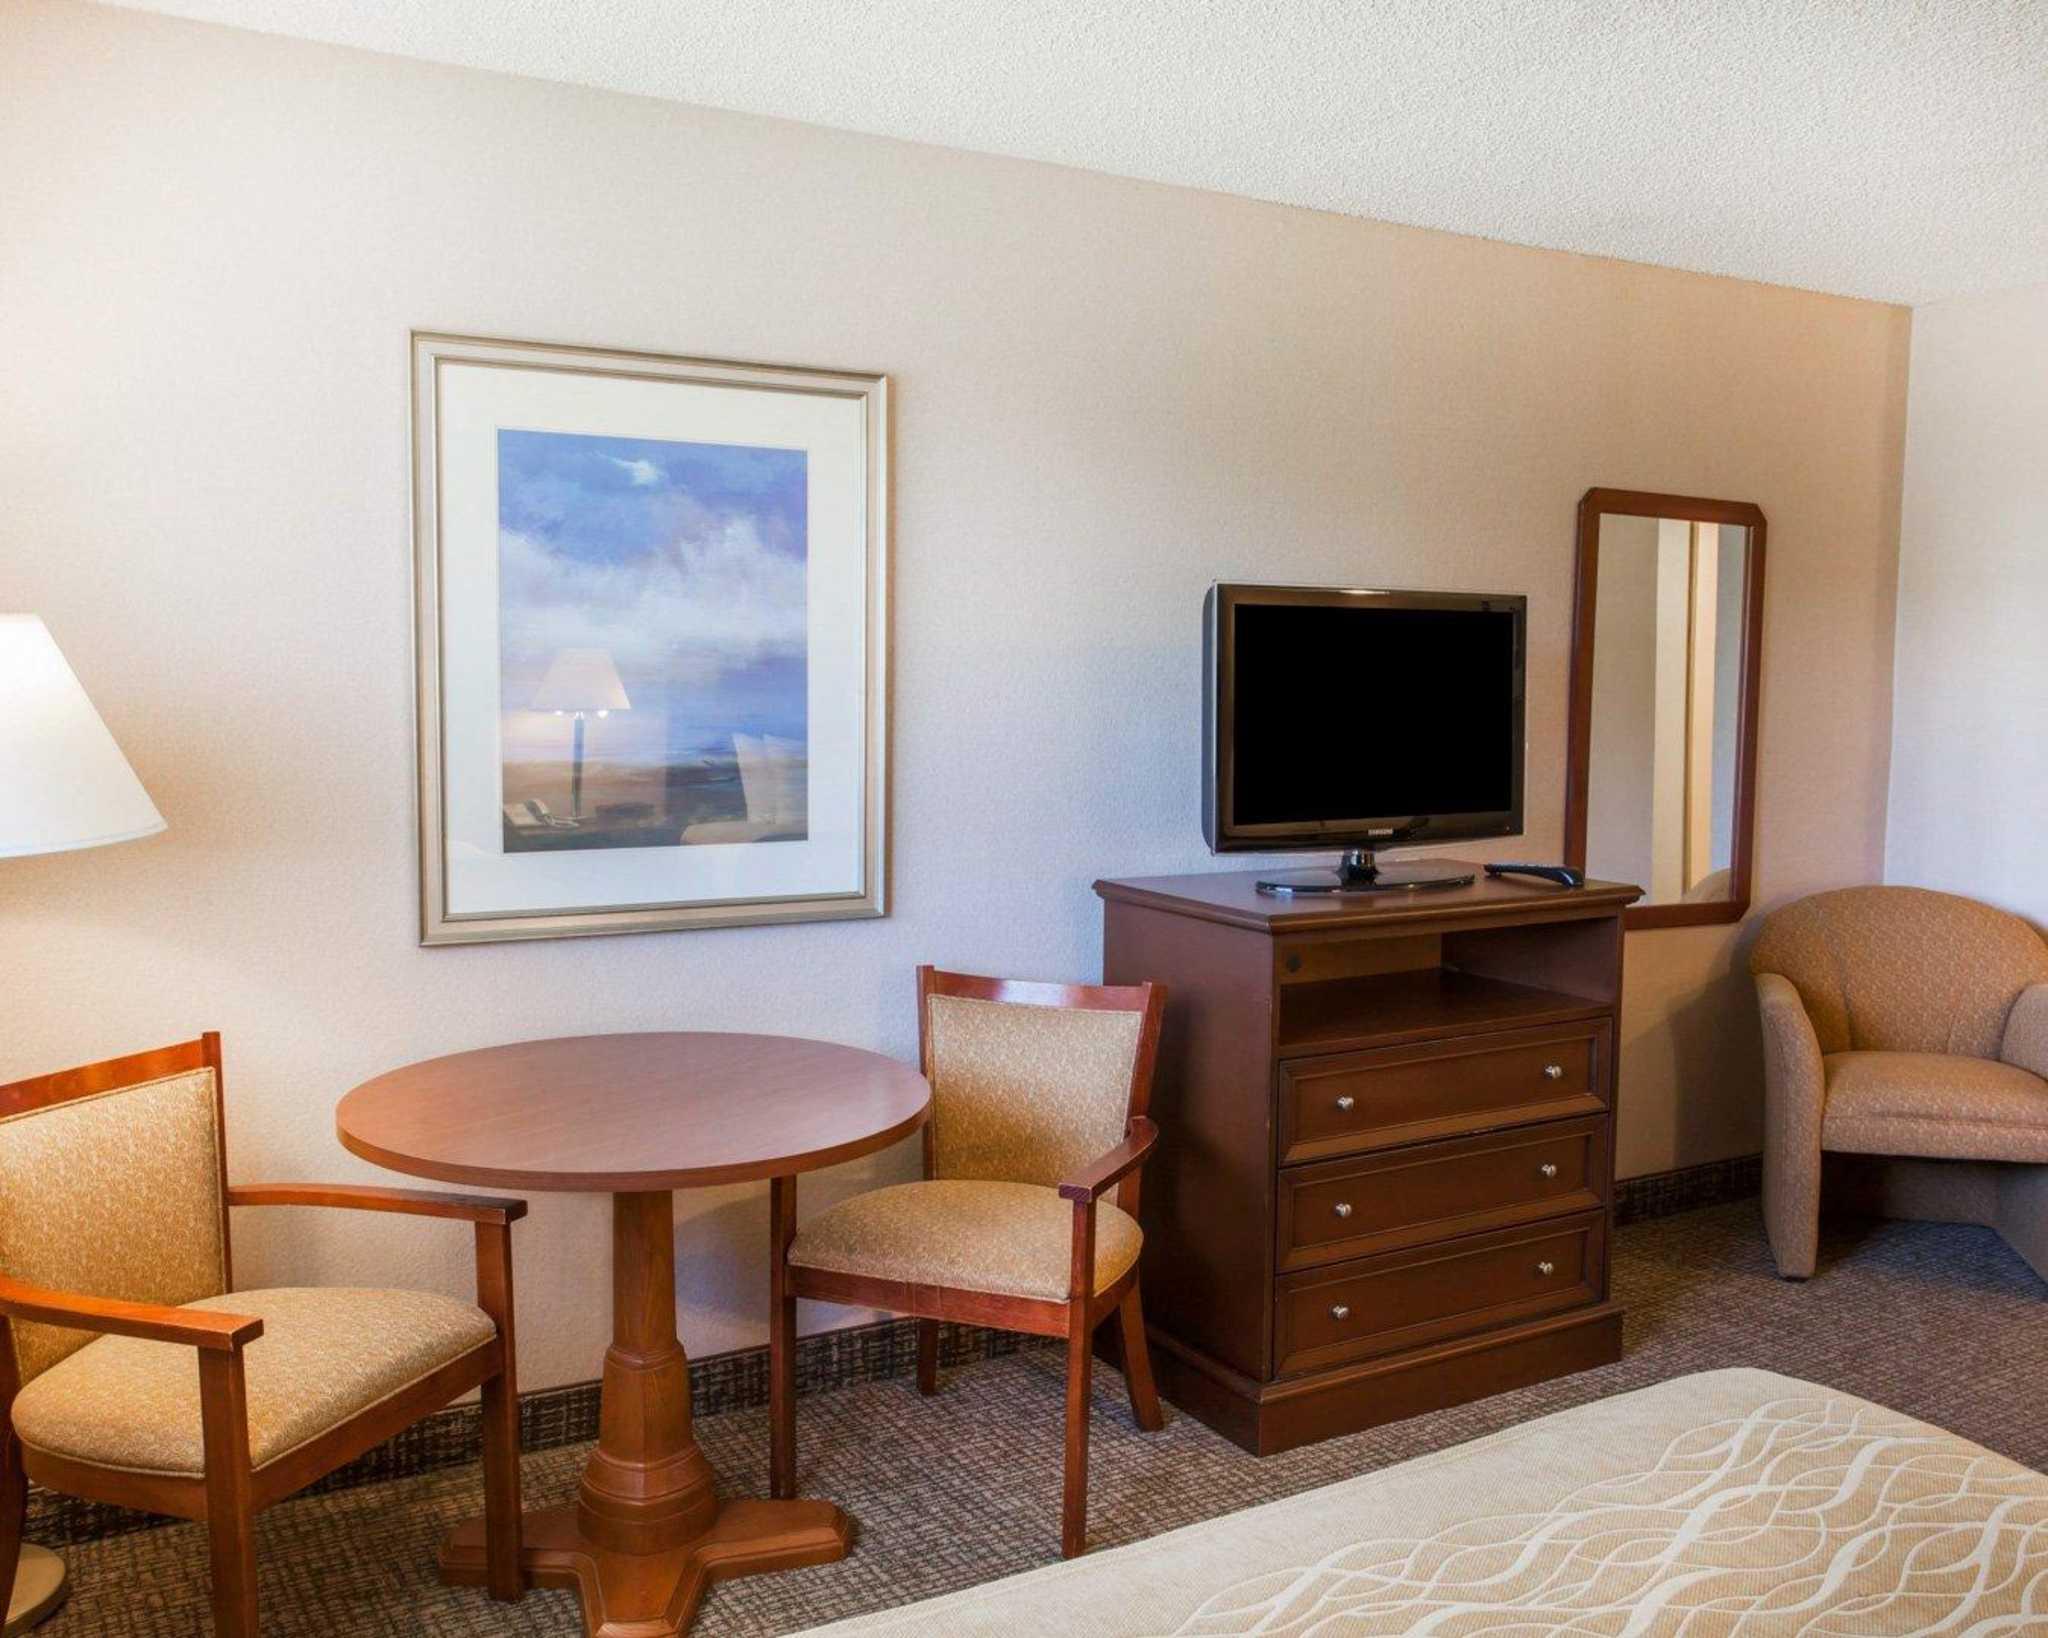 Comfort Inn image 6